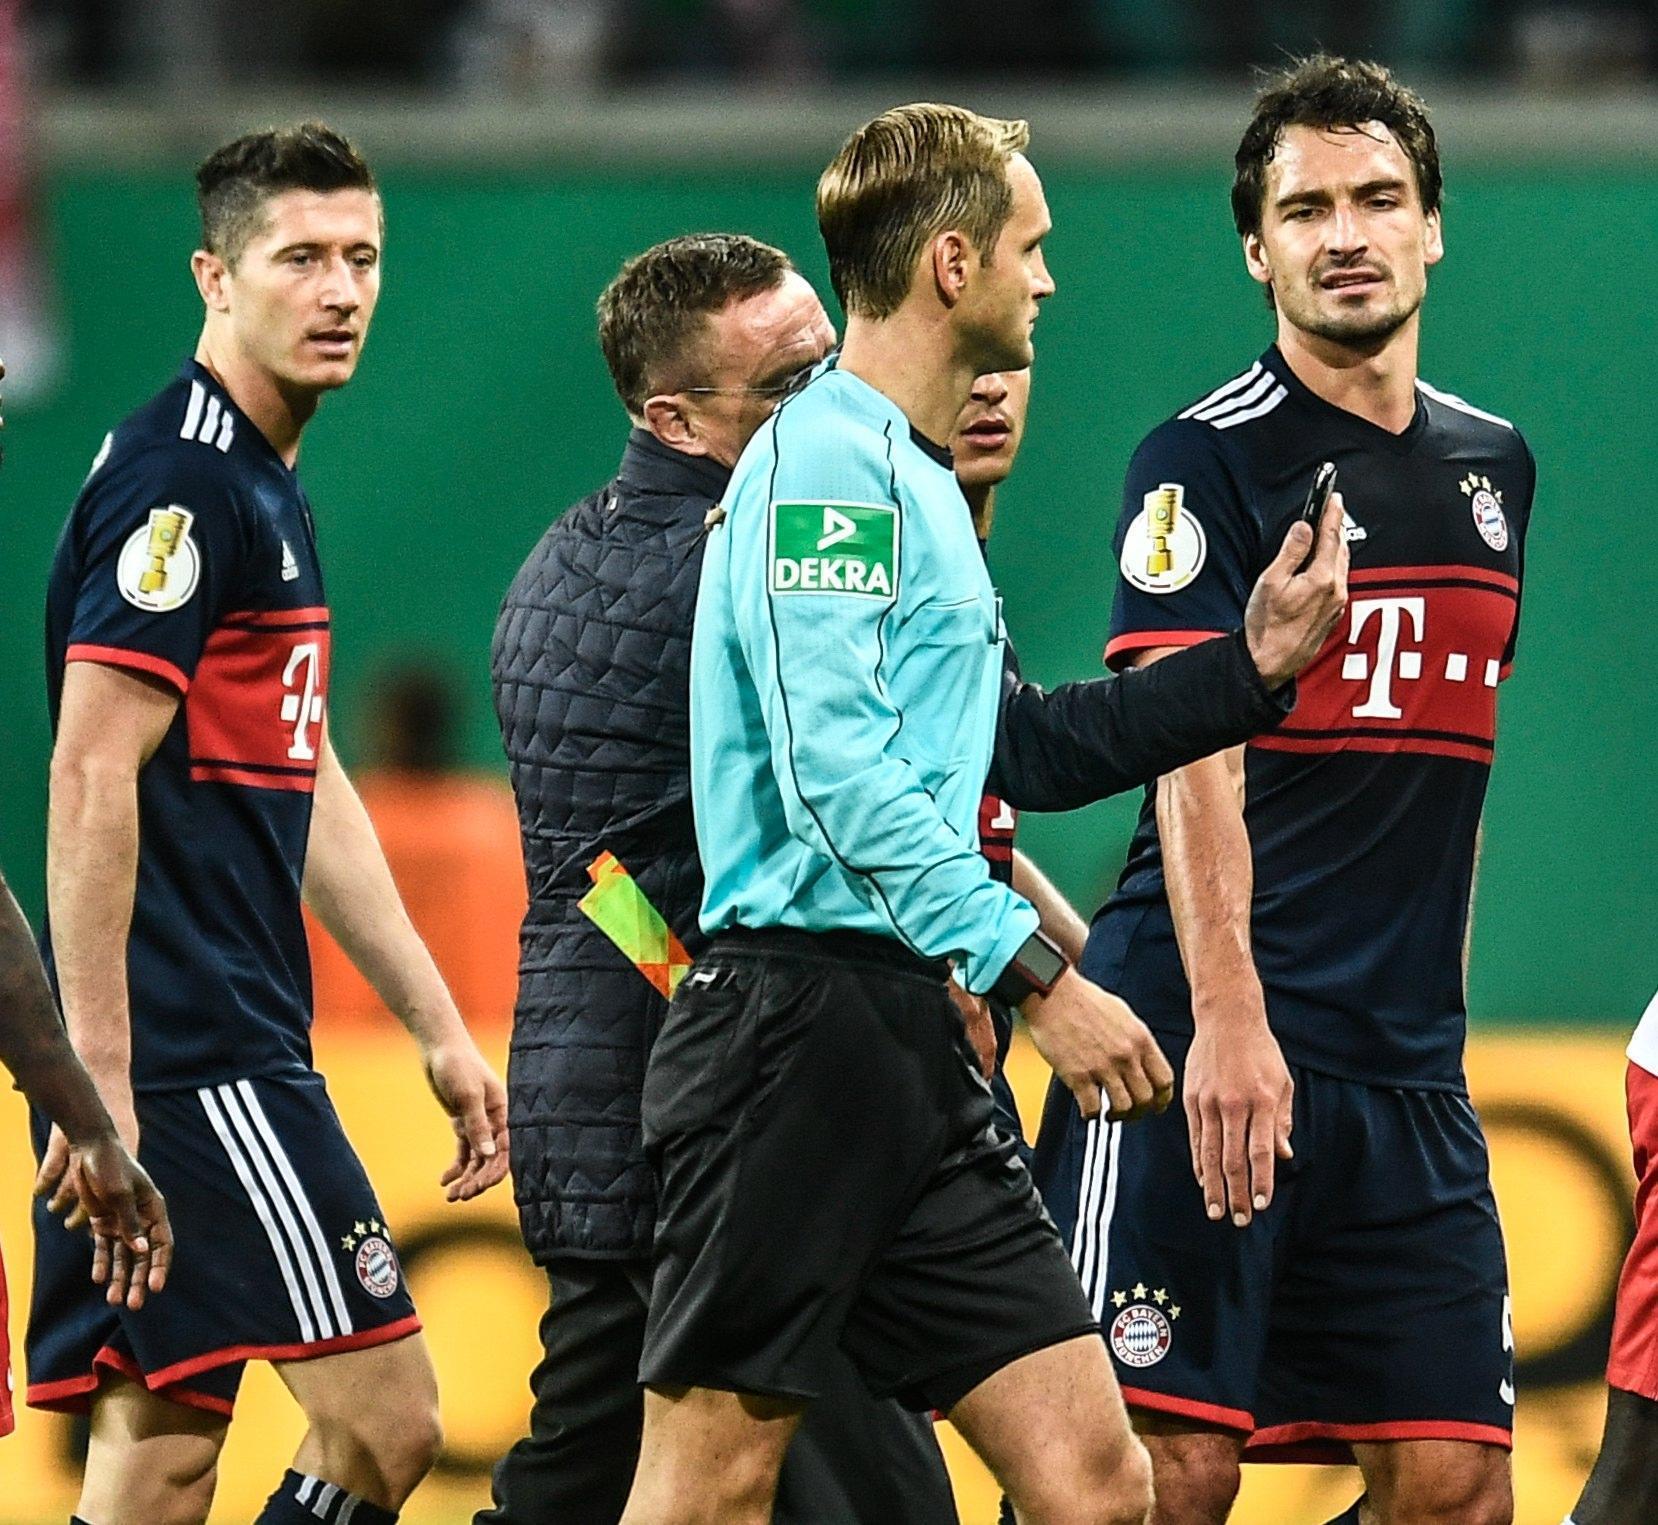 Bayern-Lipsia, scende in campo... il cellulare!